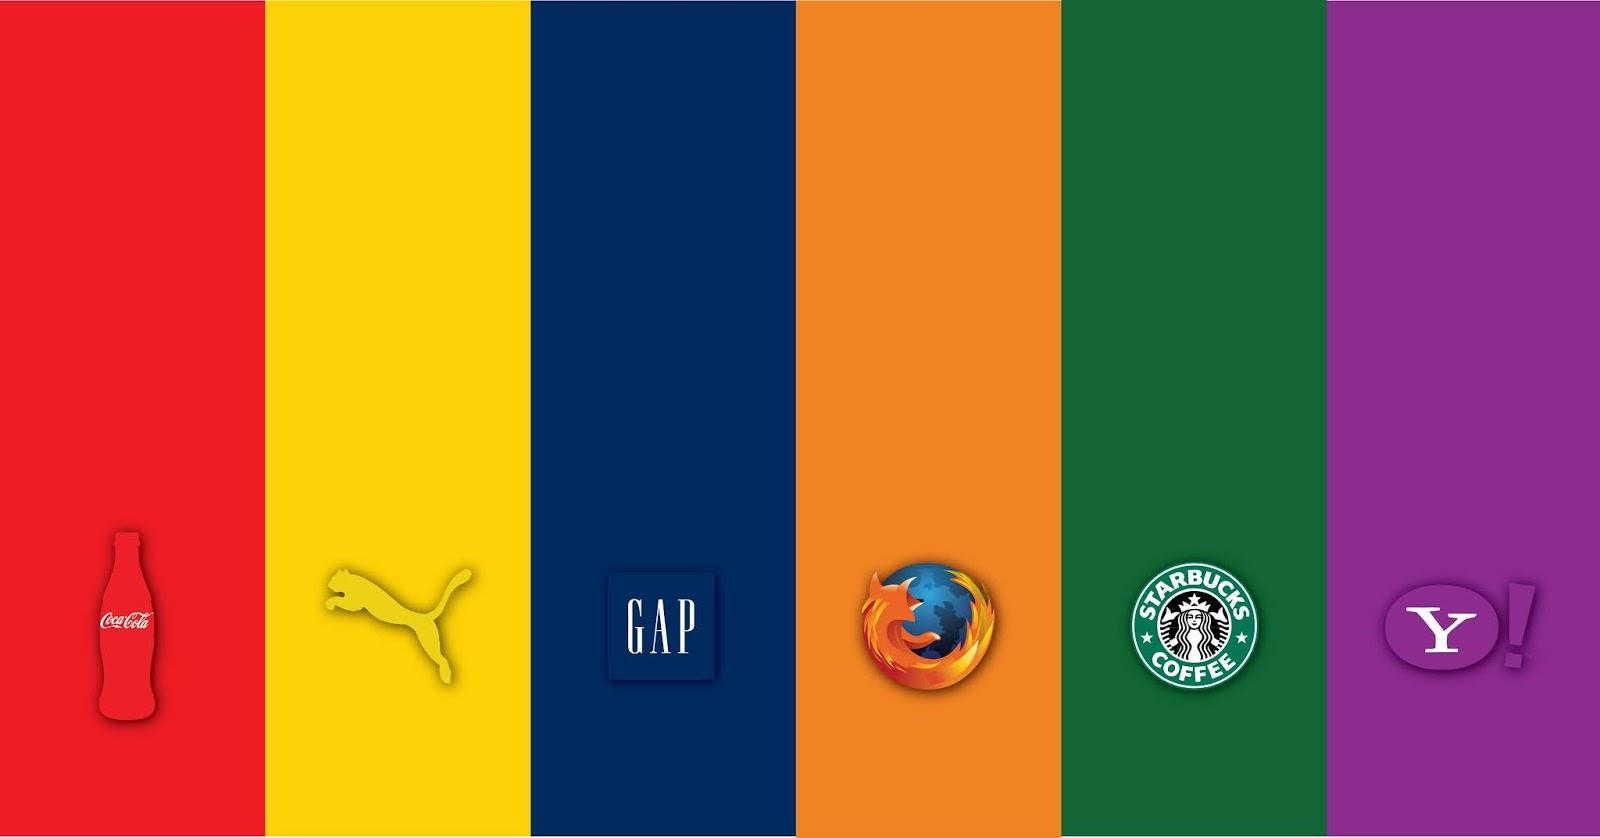 Kết quả hình ảnh cho Tâm lý màu sắc trong thiết kế logo iptime